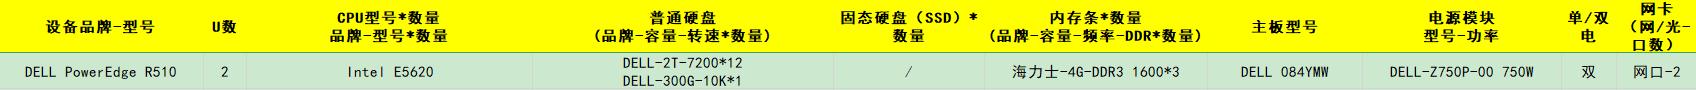 DELL PowerEdge R510 Intel E5620 DELL-2T-7200*12 DELL-300G-10K*1 海力士-4G-DDR3 1600*3